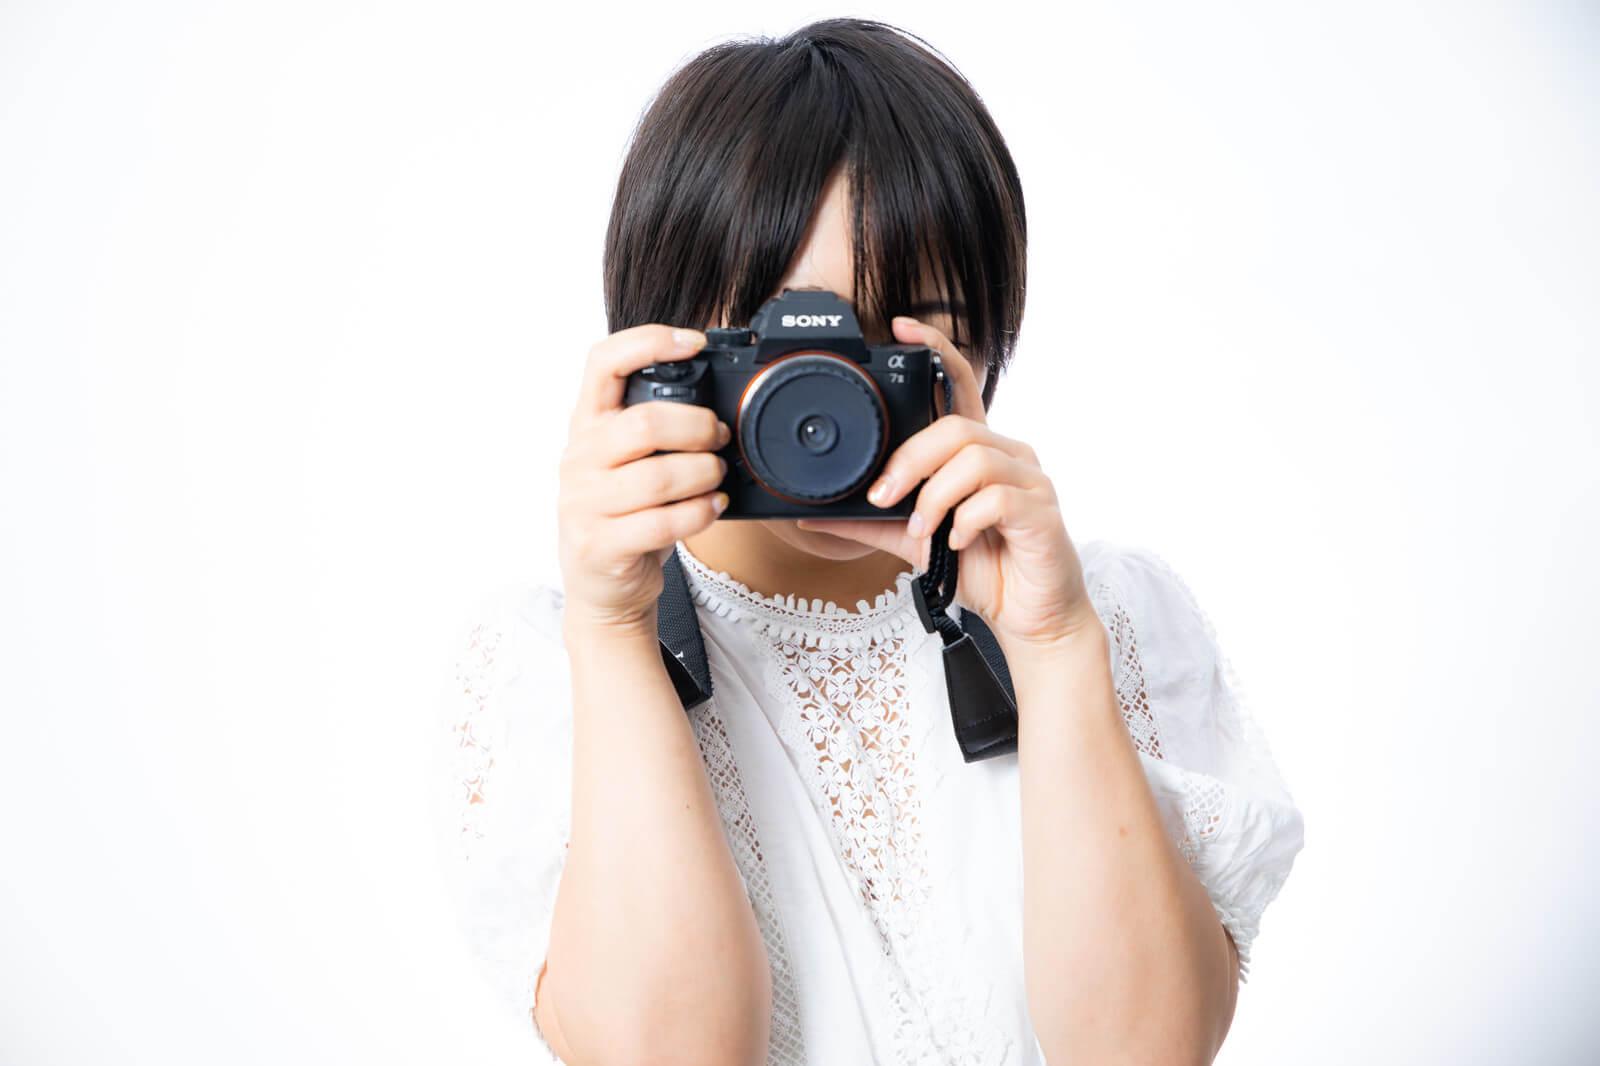 エアライン証明写真での隠しピンの留め方と適したピンを紹介